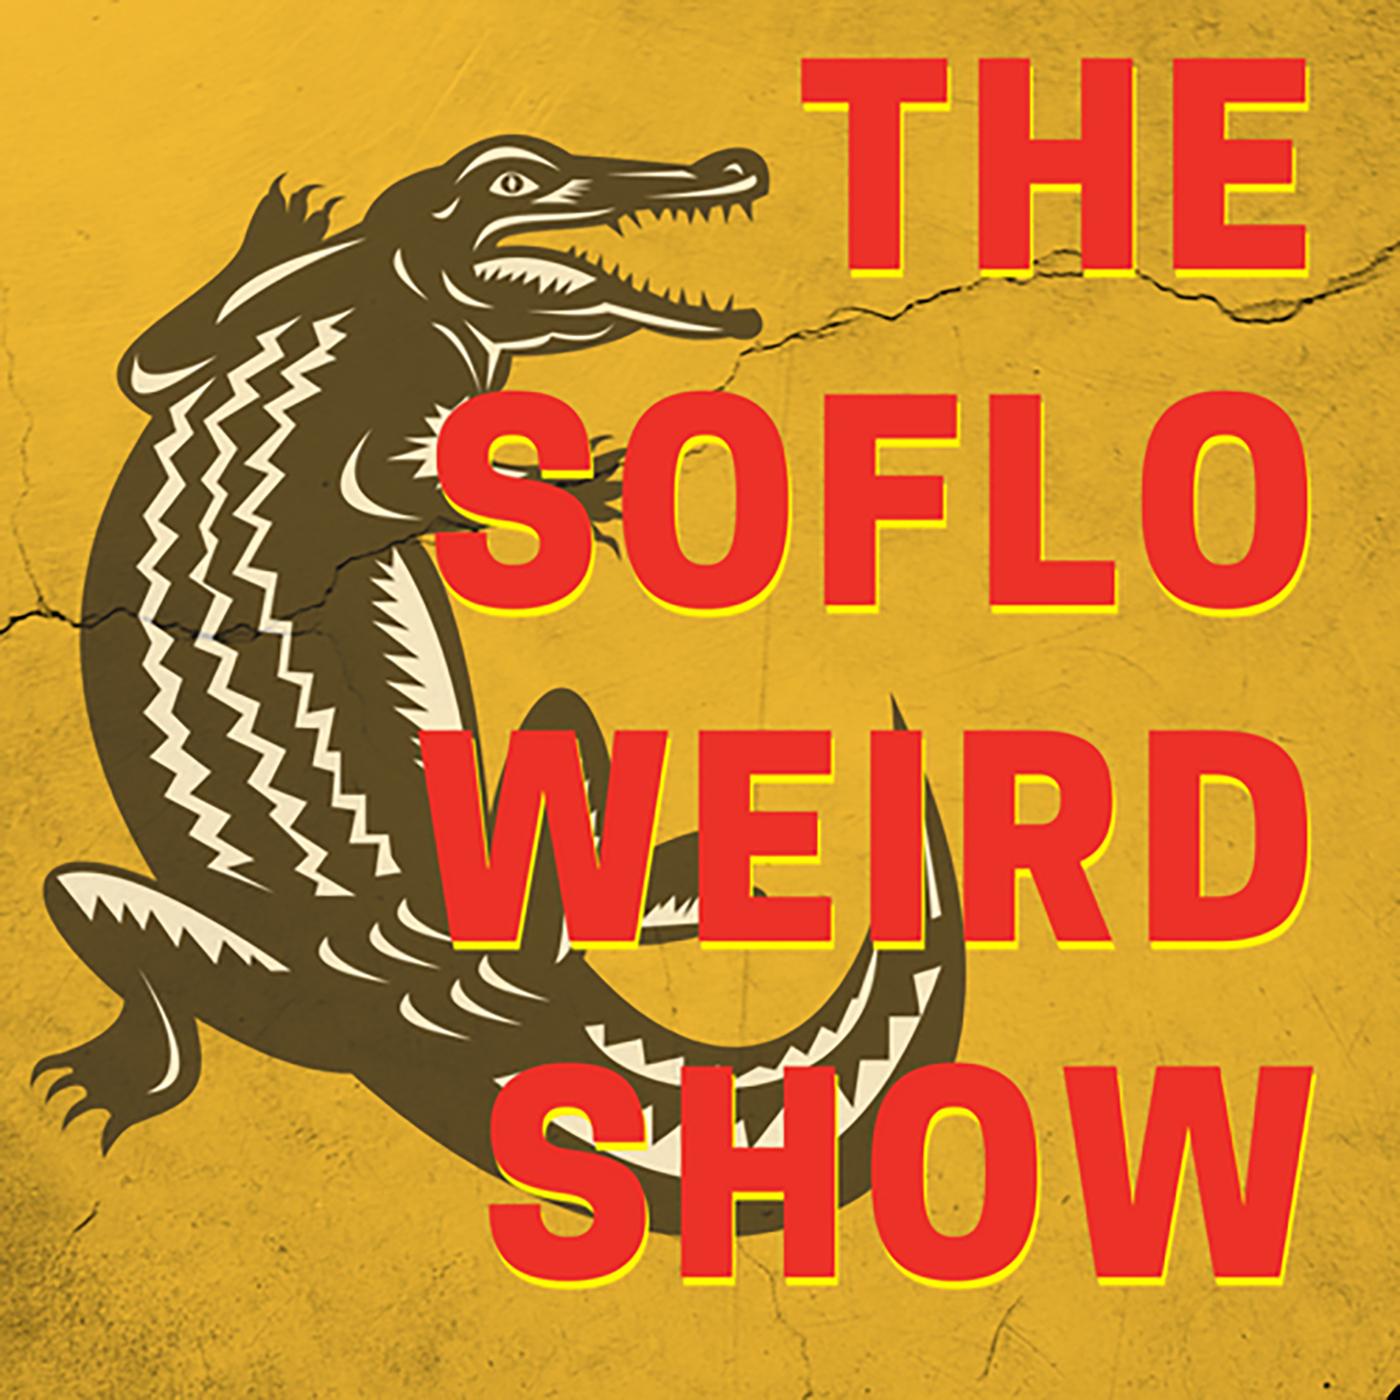 SoFlo Weird Show